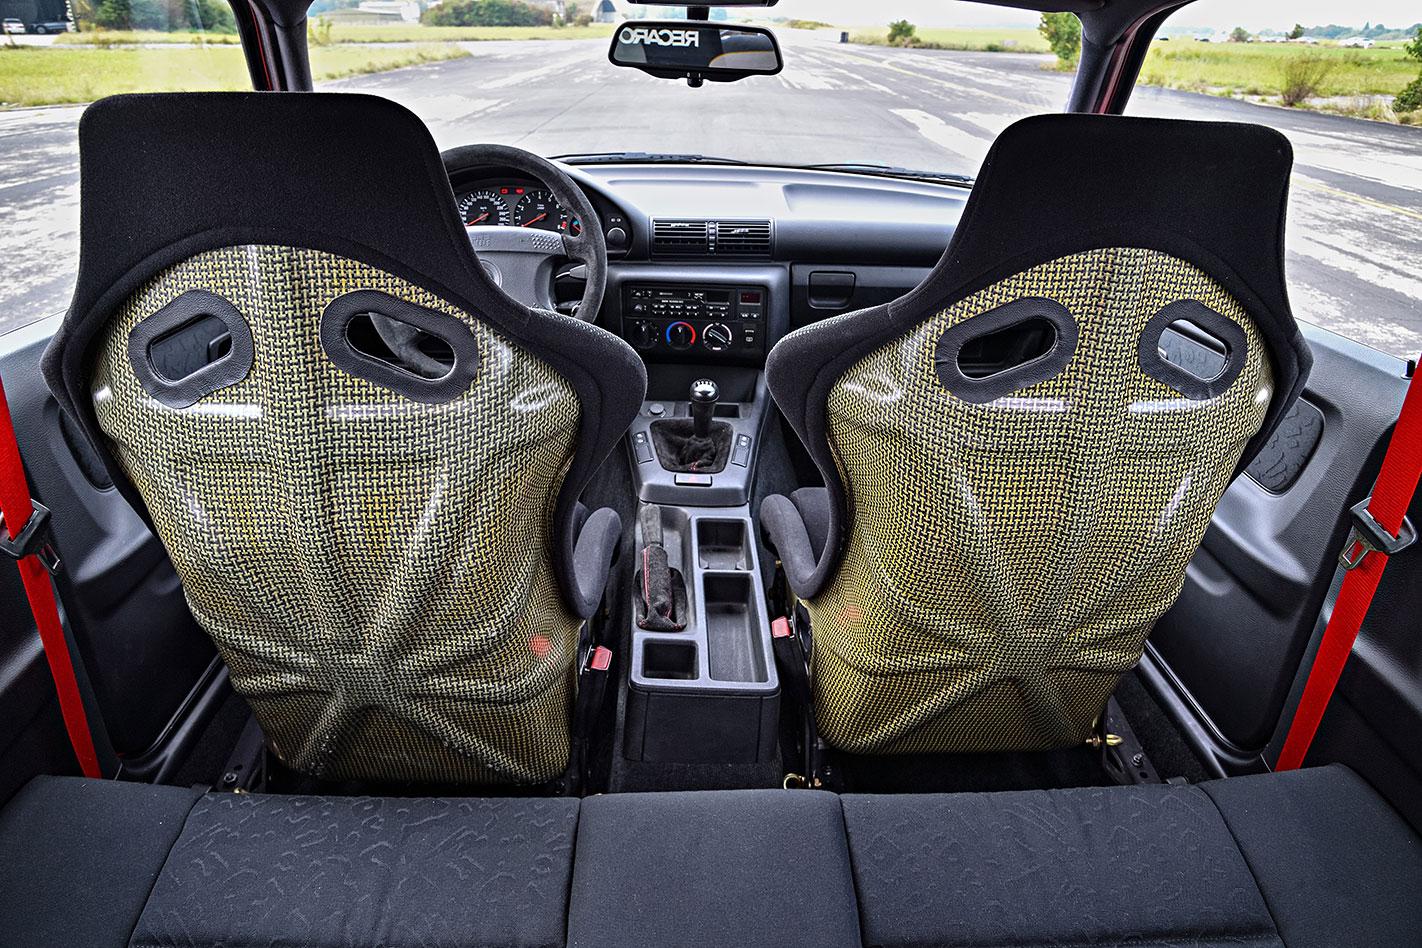 BMW E36 M3 Compact interior